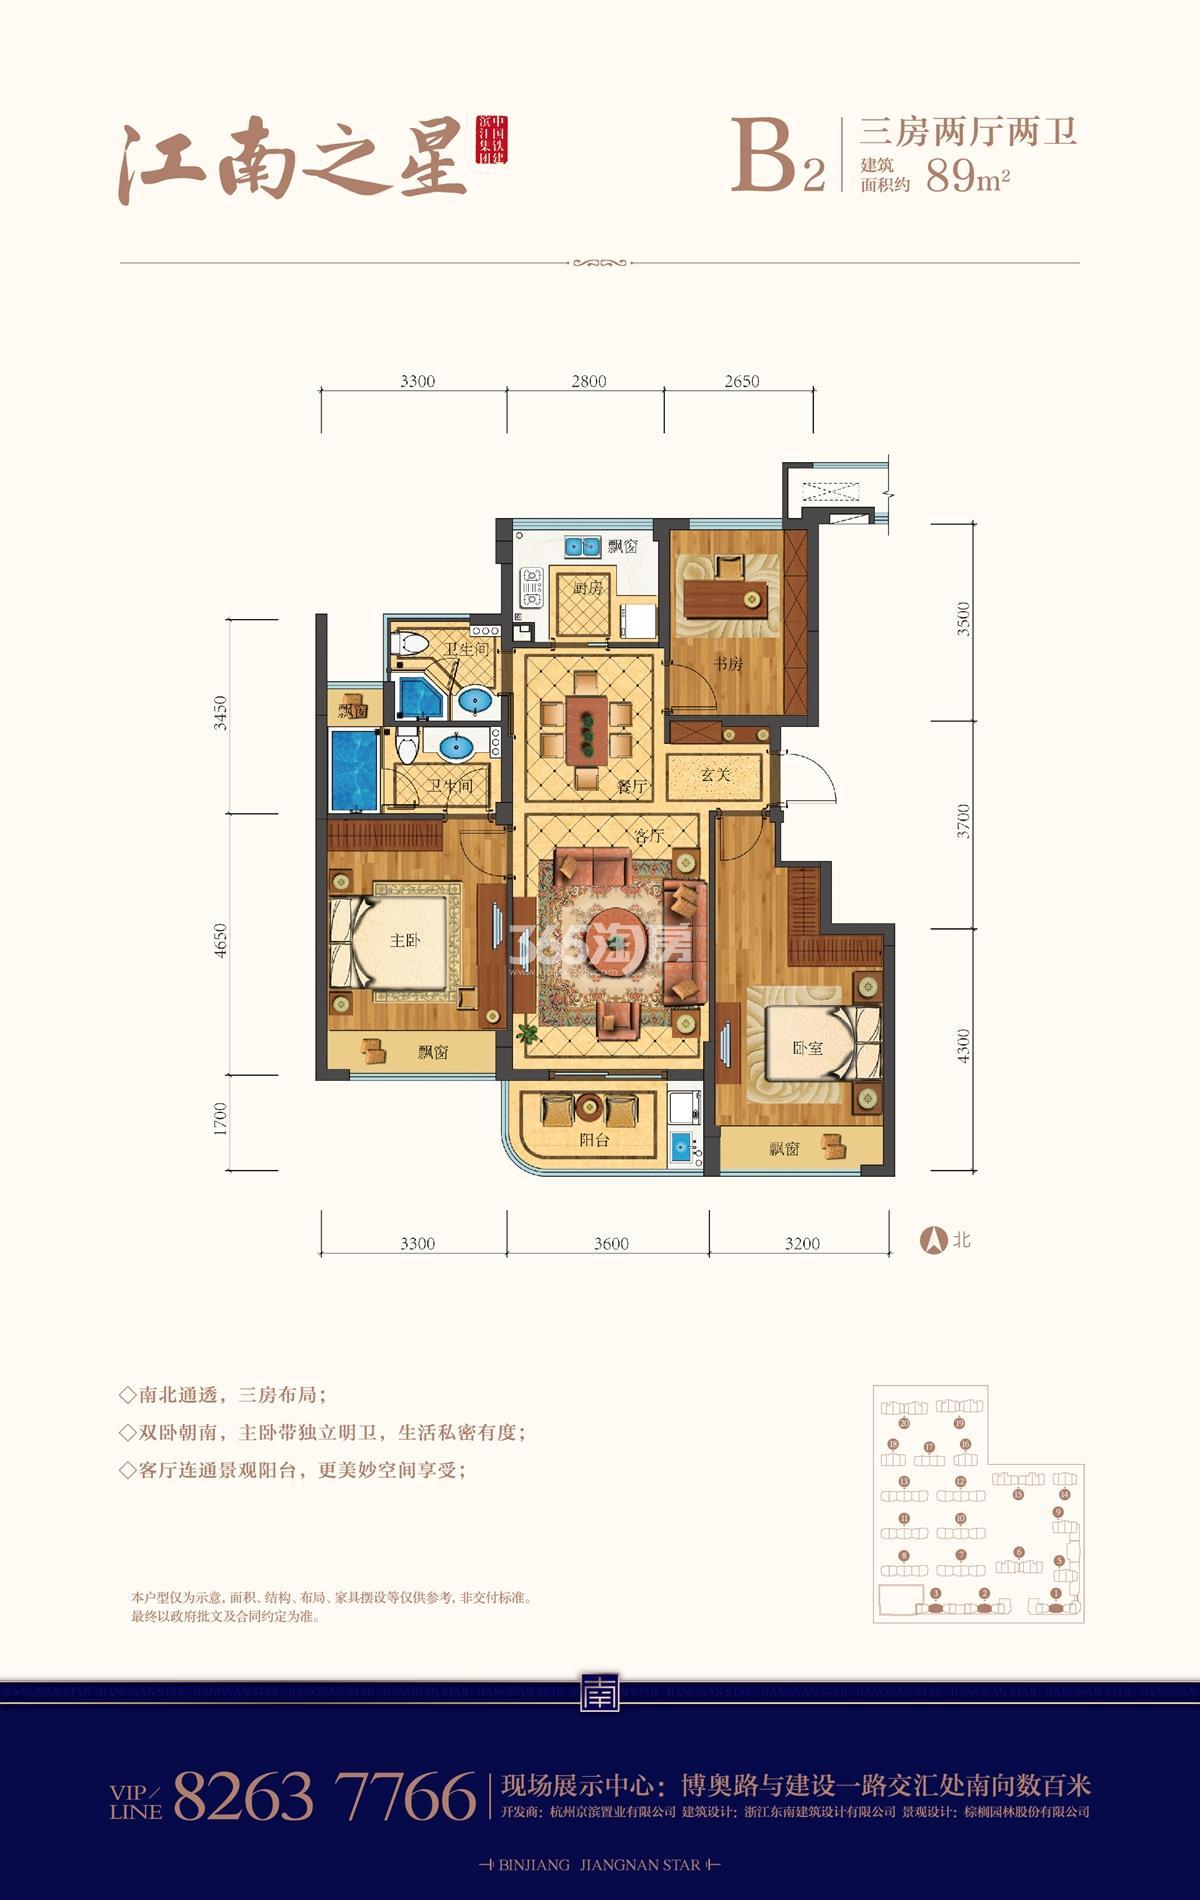 滨江江南之星B2户型89方(1、2、3号楼中间套)